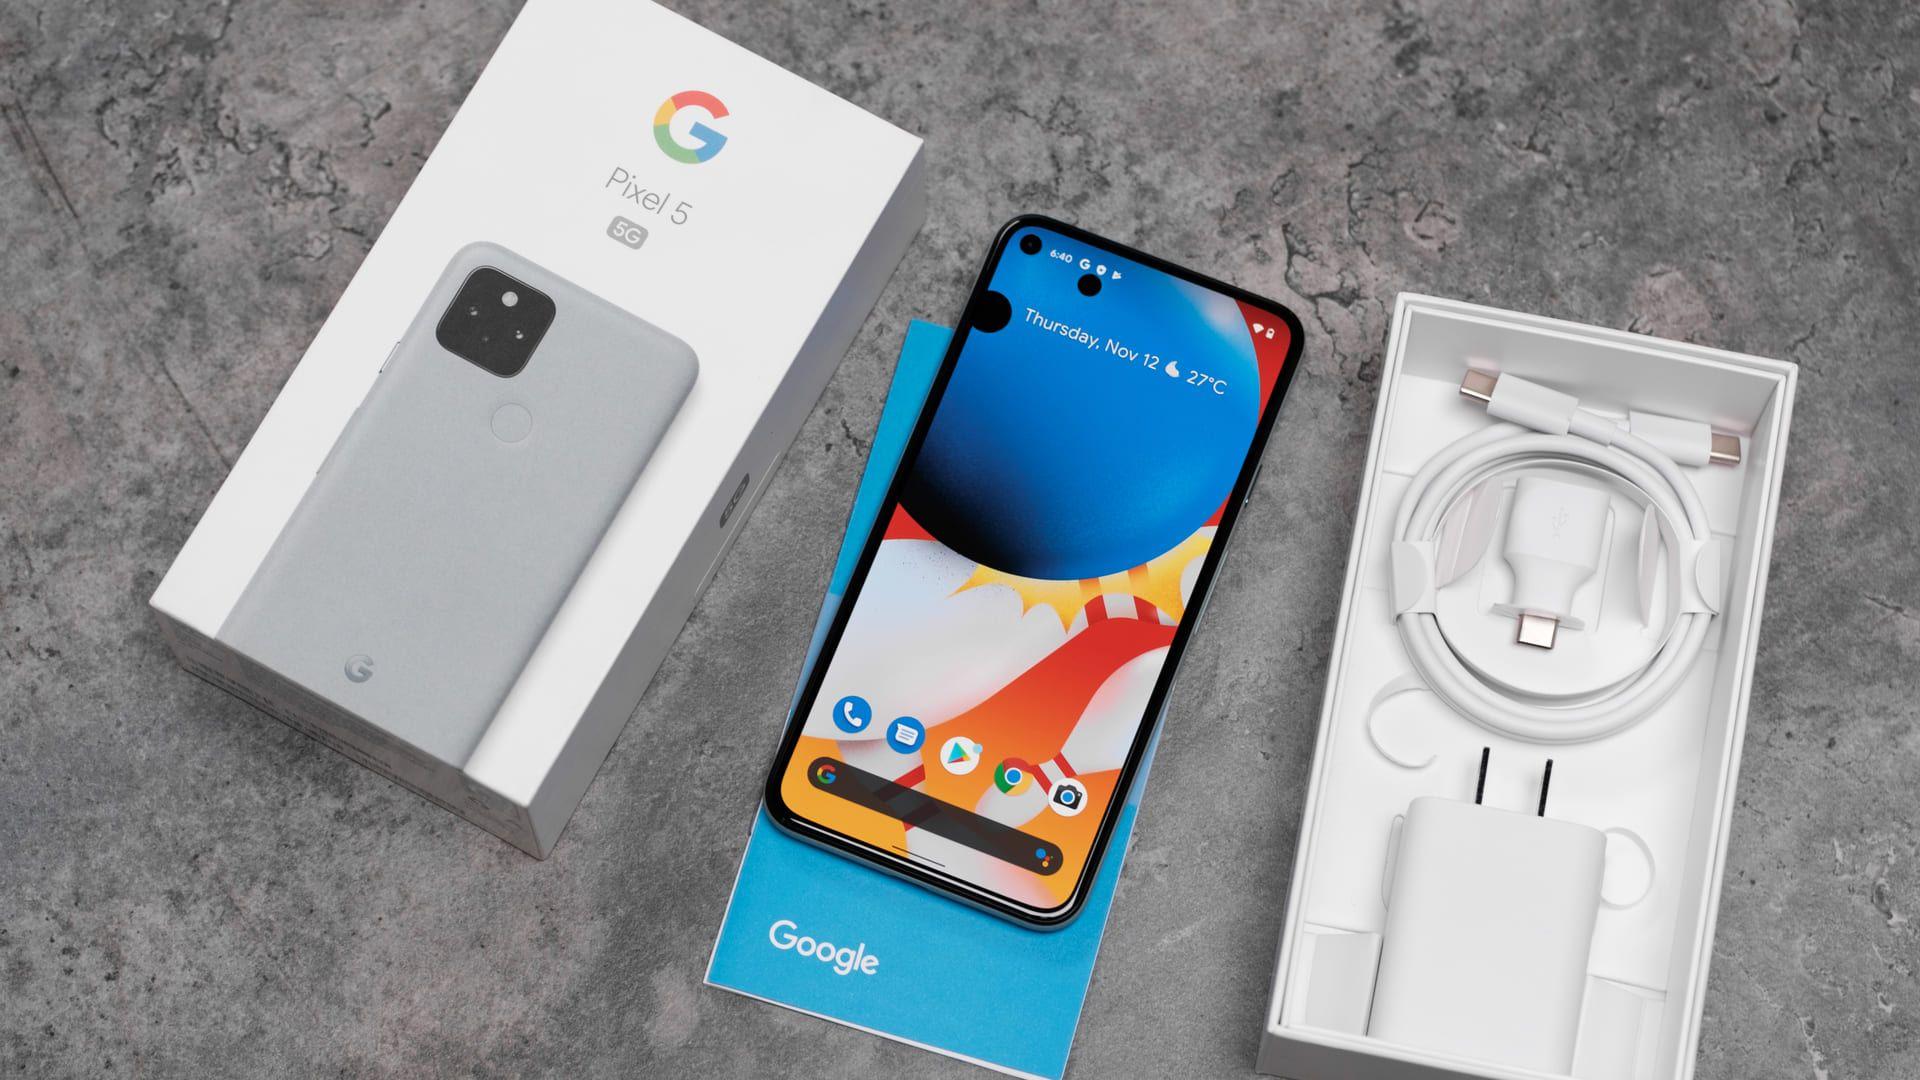 Qual melhor celular? Google não comercializa aparelhos no Brasil, mas se destaca com Android puro (Foto: Chikena / Shutterstock.com)